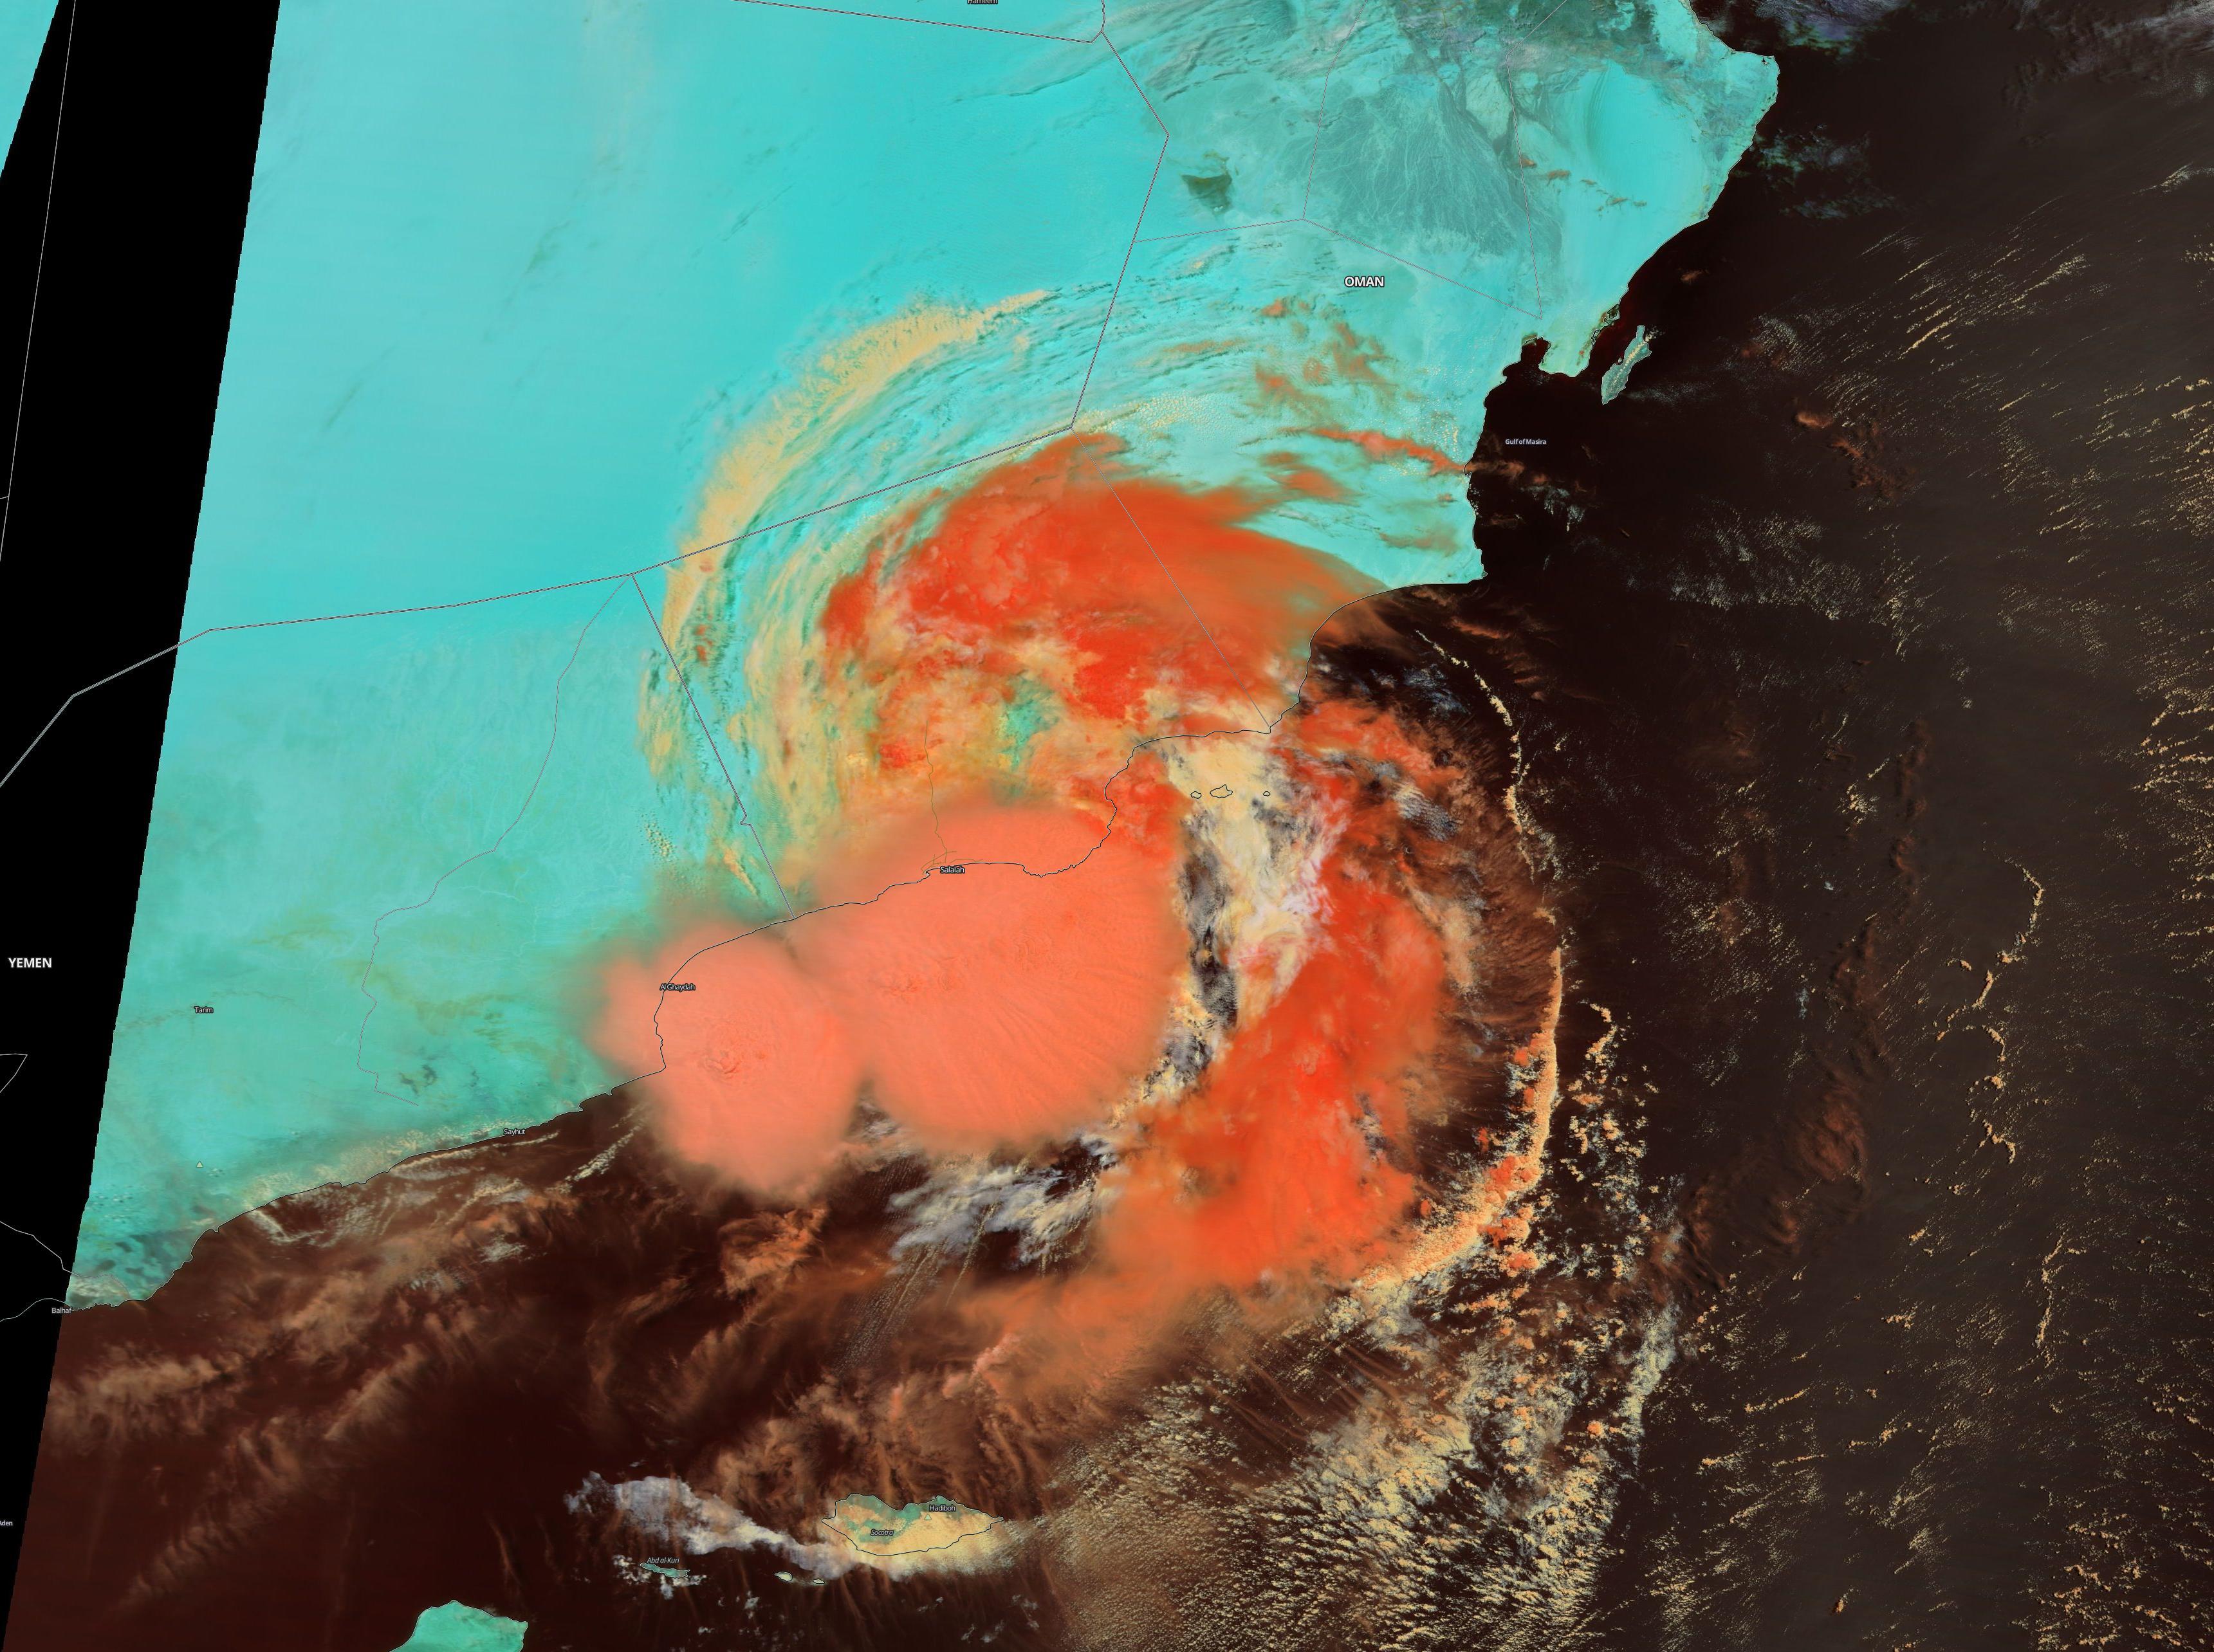 Posible caso de landcane en Omán y actividad ciclónica anómala en el Atlántico.